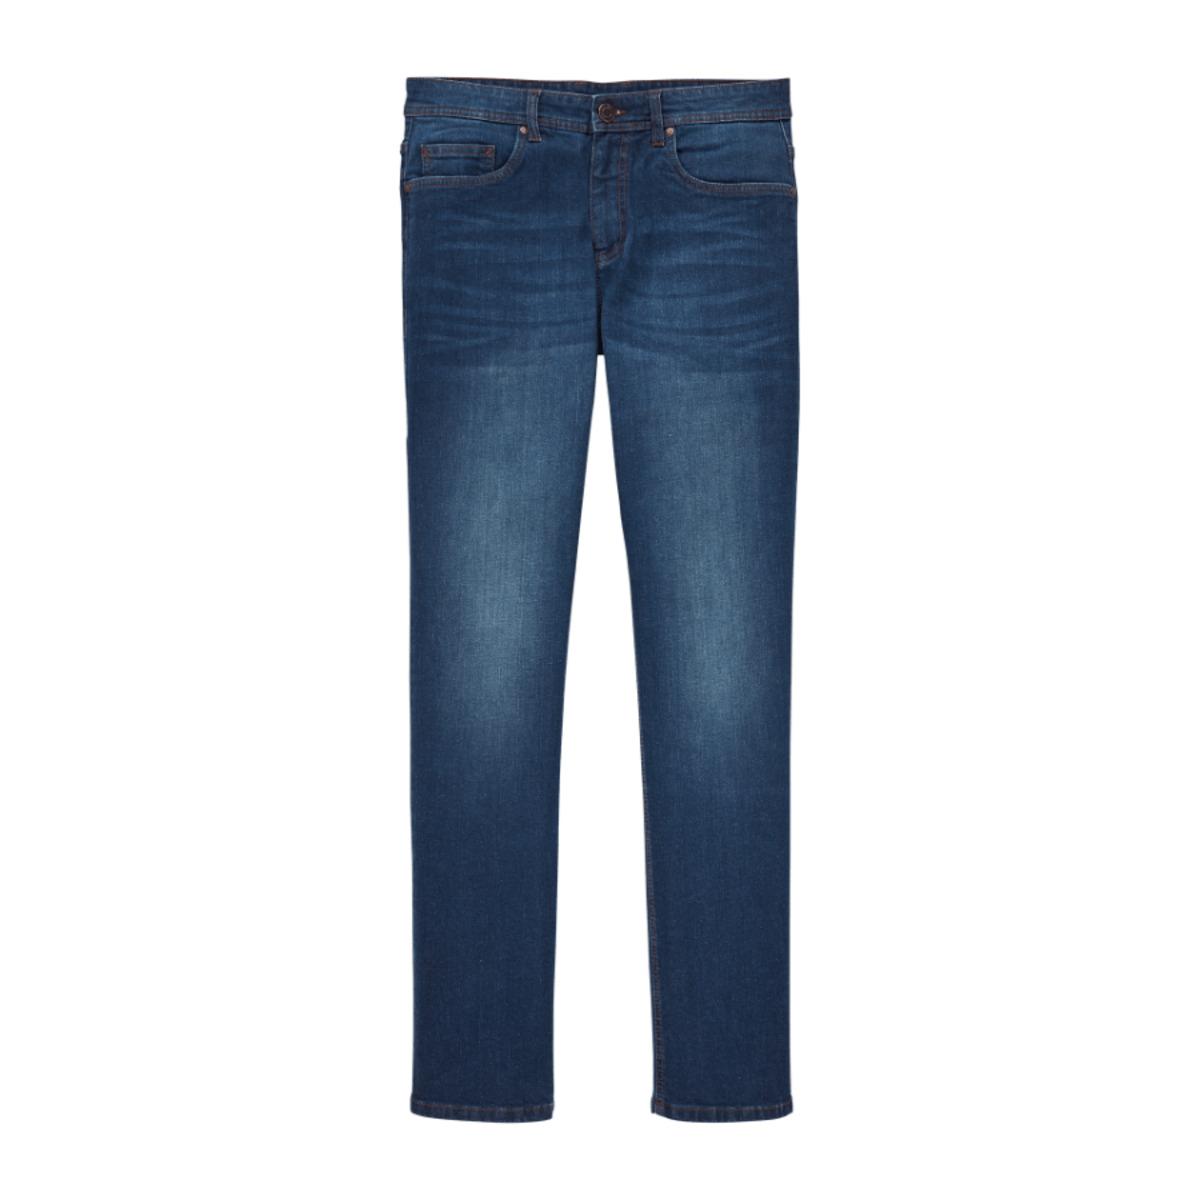 Bild 3 von STRAIGHT UP     Stretch-Jeans